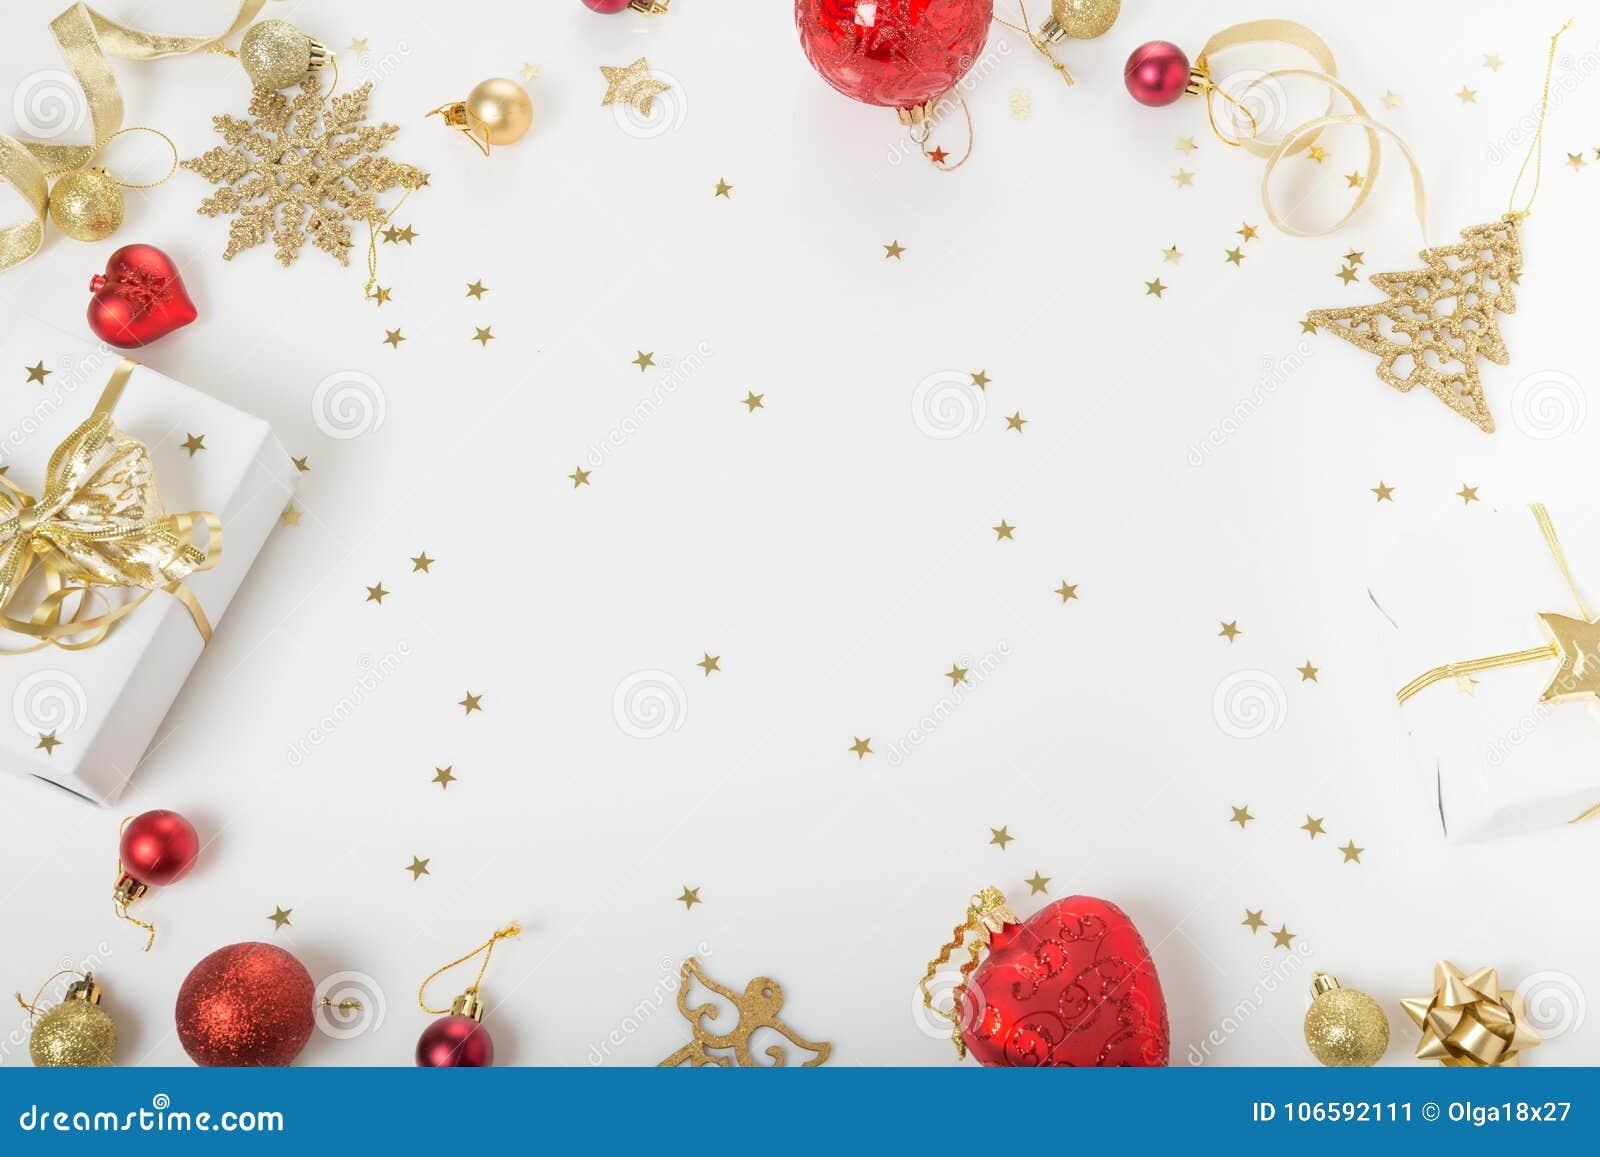 Σύνθεση διακοπών Χριστουγέννων Εορταστικό δημιουργικό χρυσό σχέδιο, χρυσή σφαίρα διακοπών ντεκόρ Χριστουγέννων με την κορδέλλα, s